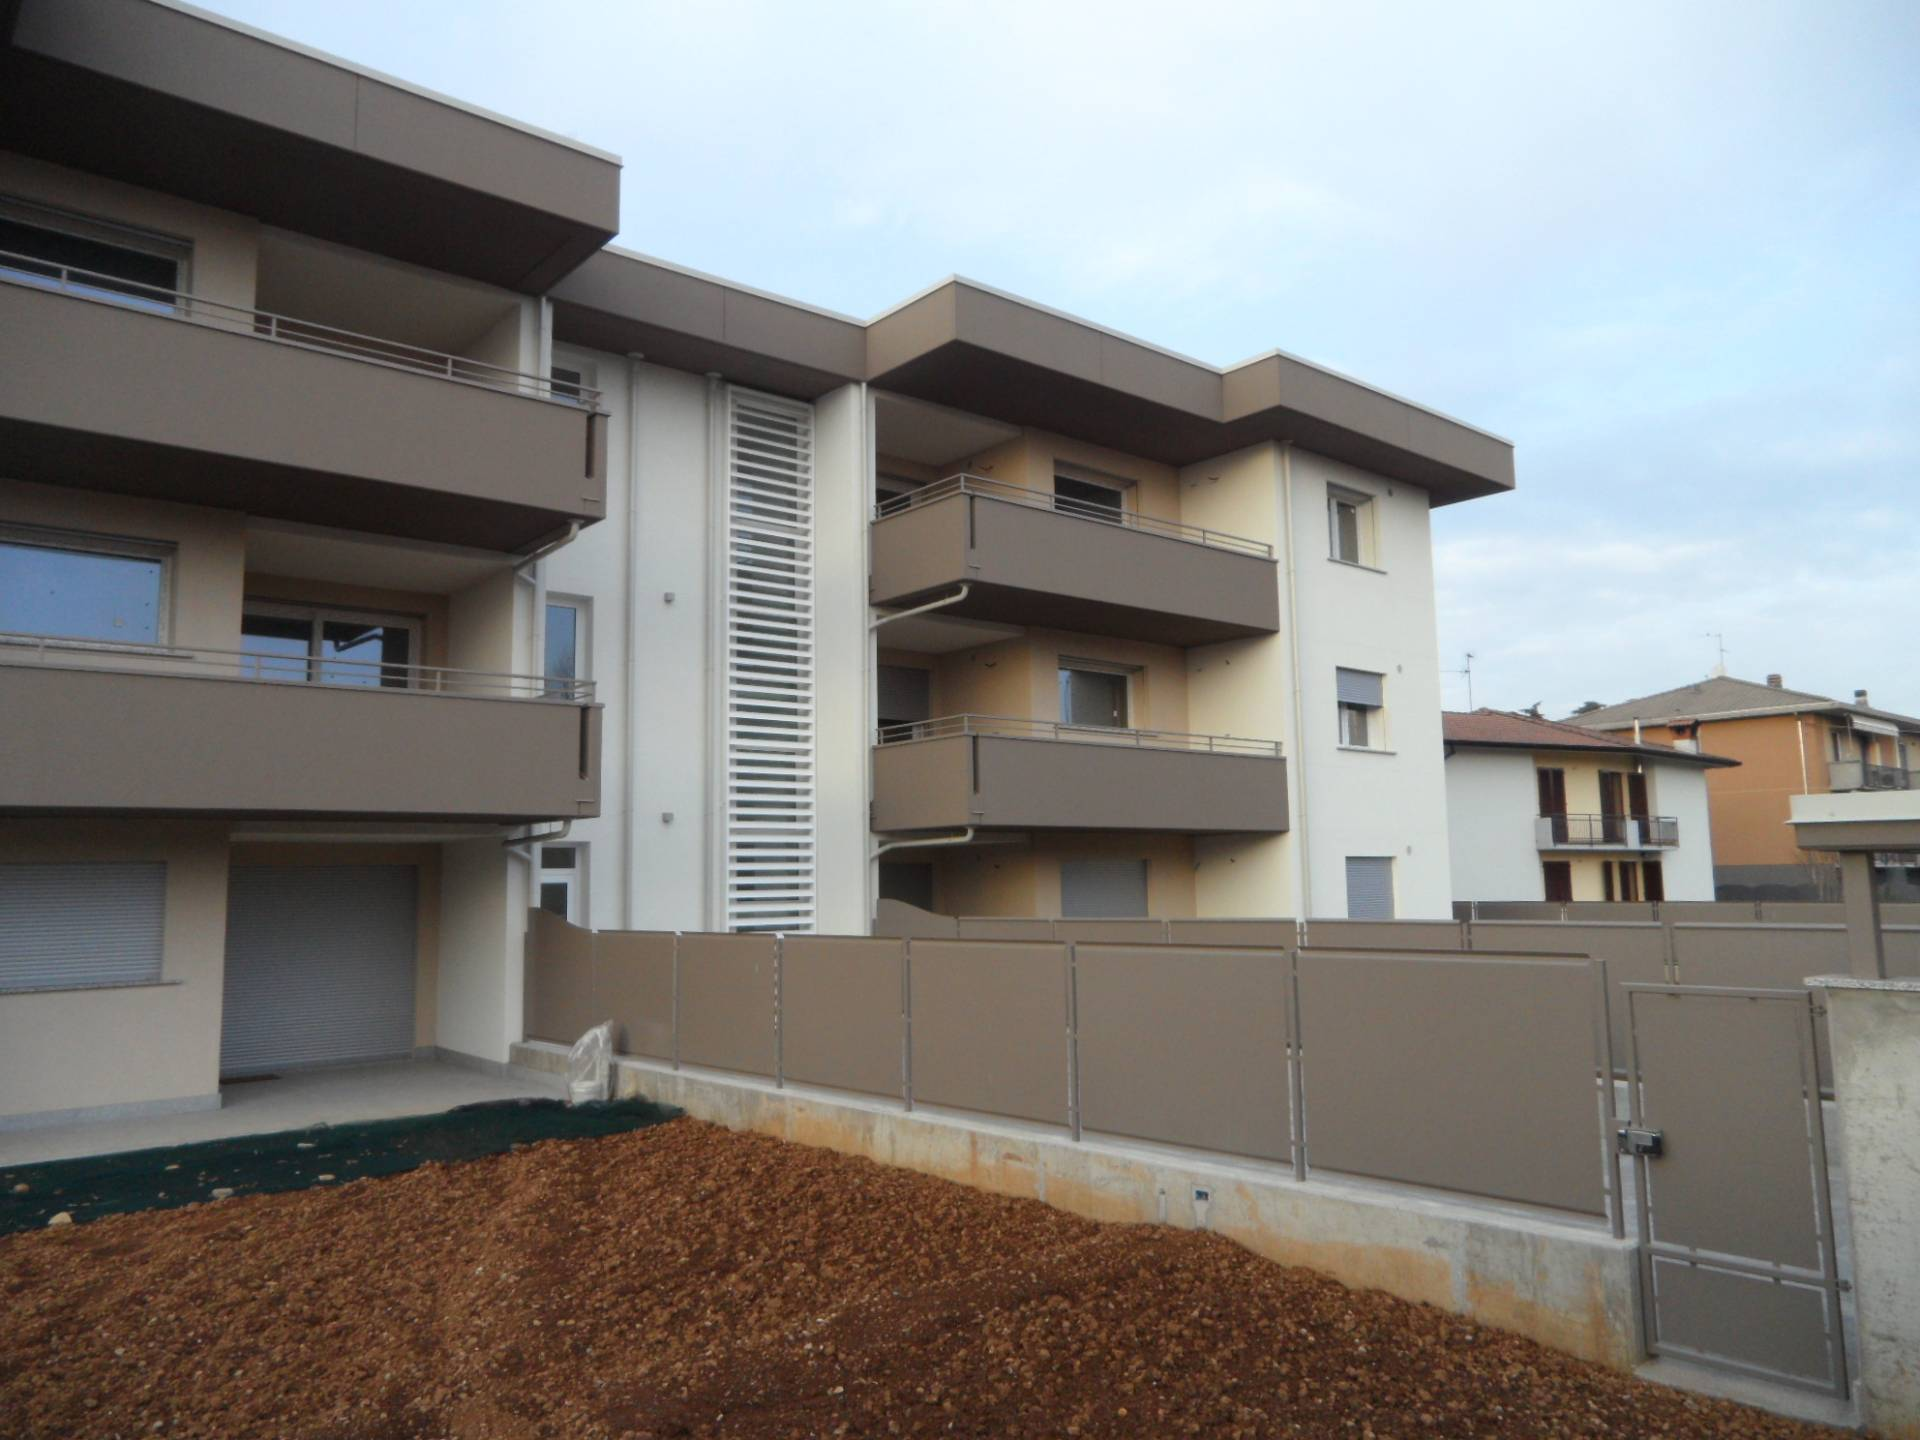 Appartamento in vendita a Zanica, 3 locali, prezzo € 220.000 | PortaleAgenzieImmobiliari.it